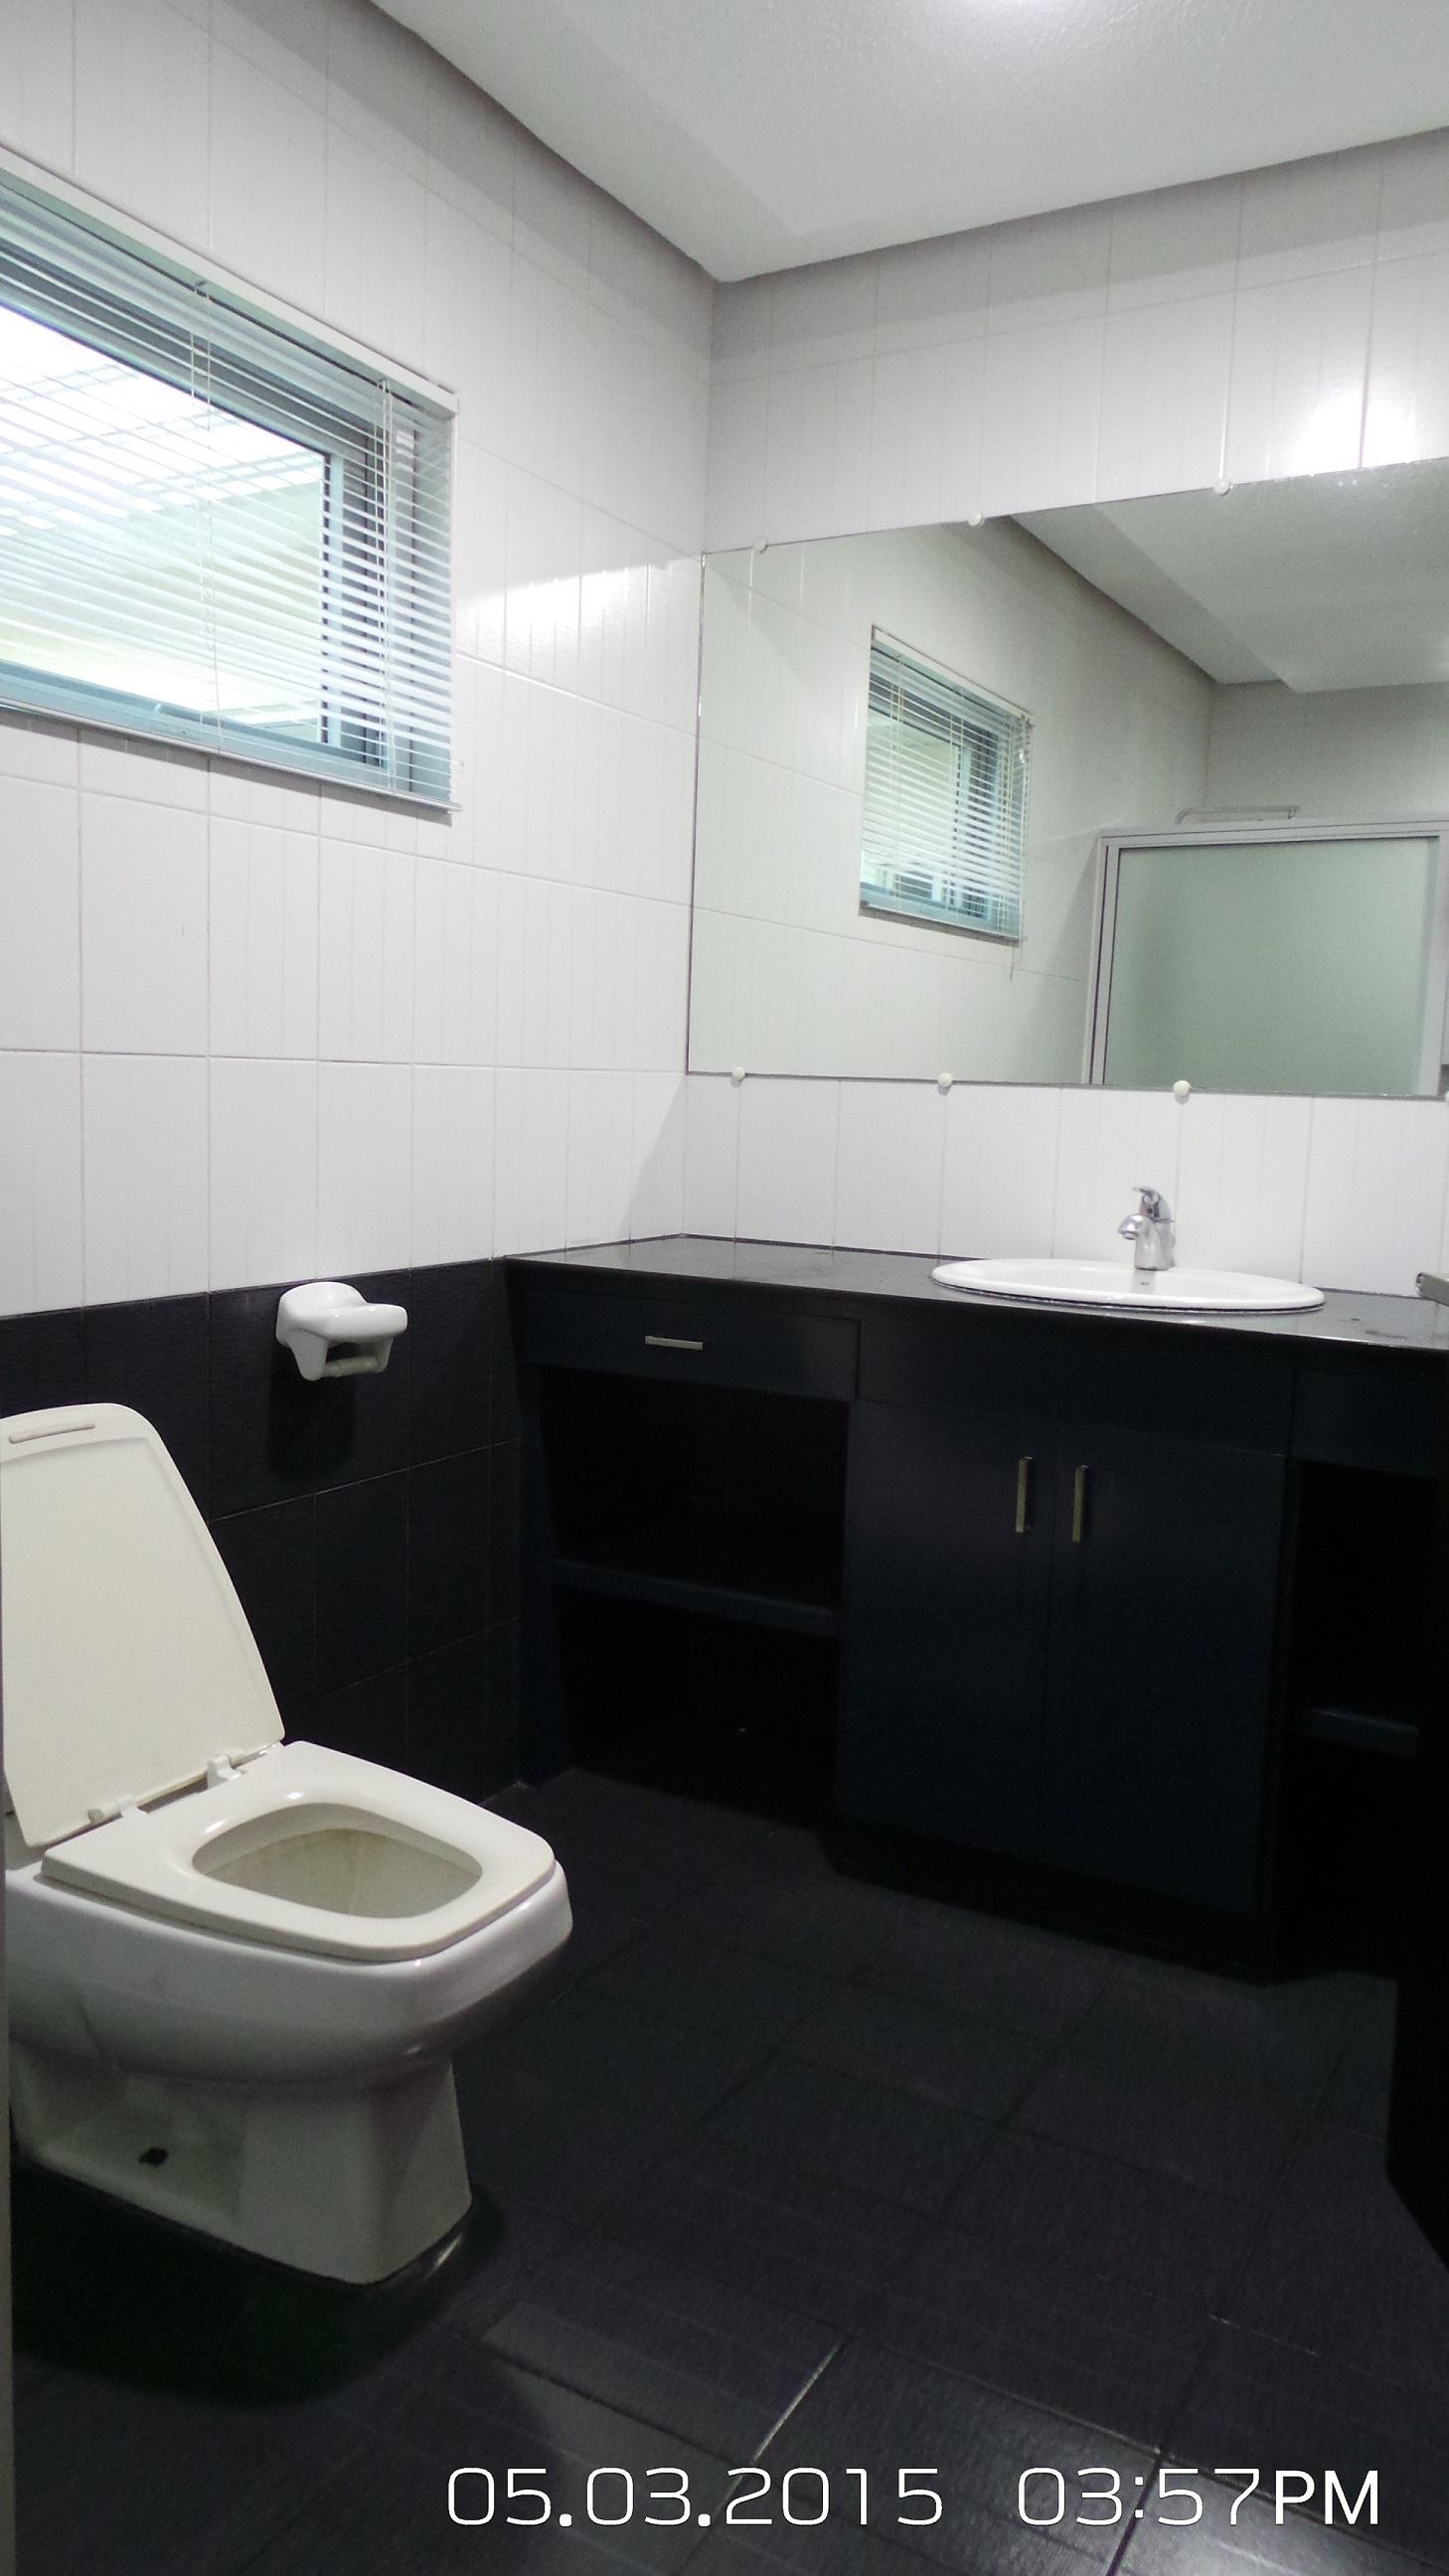 Master's Bedroom Toilet